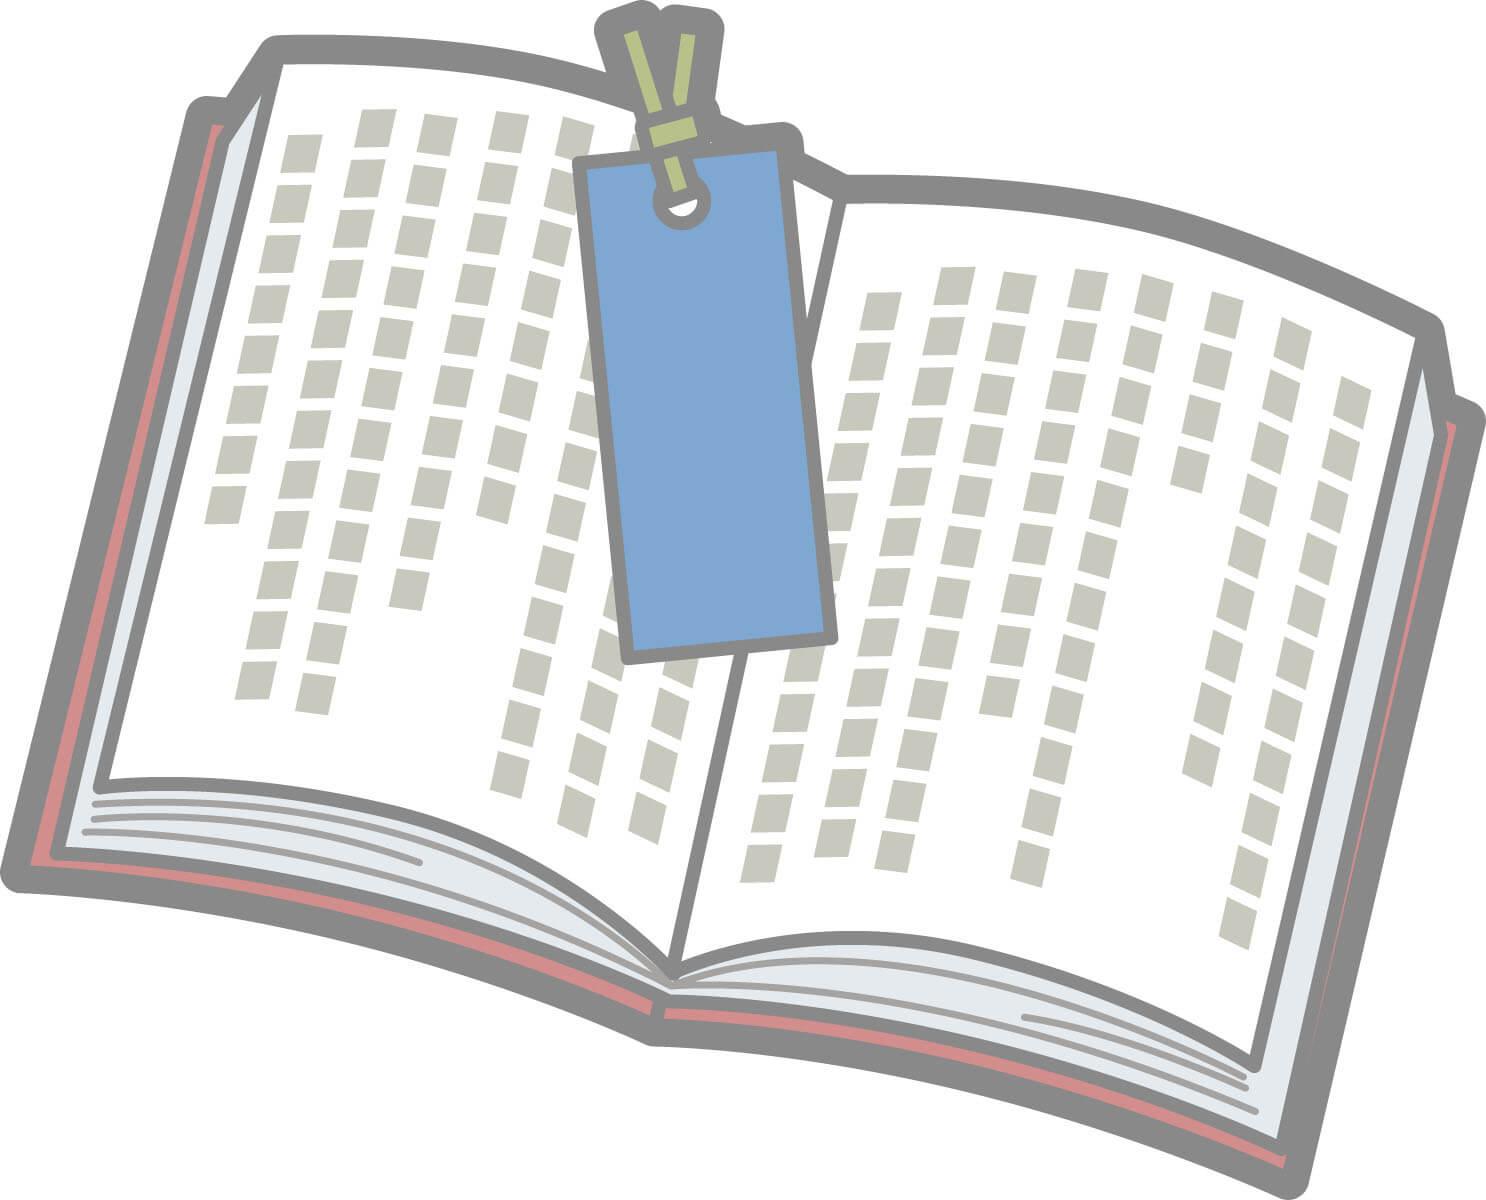 本についたタバコの臭いを消す方法3つ